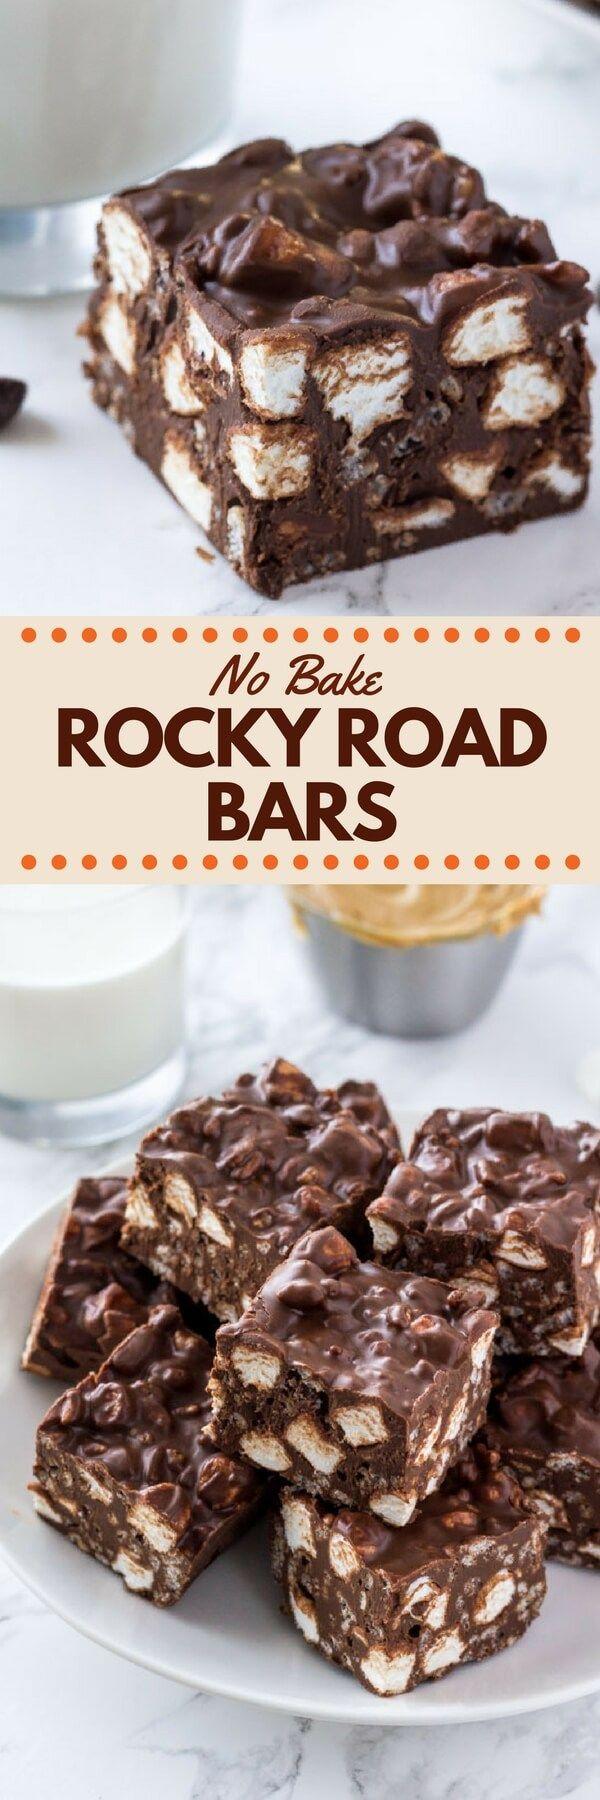 No Bake Rocky Road Bars Recipe Desserts Baking No Bake Treats